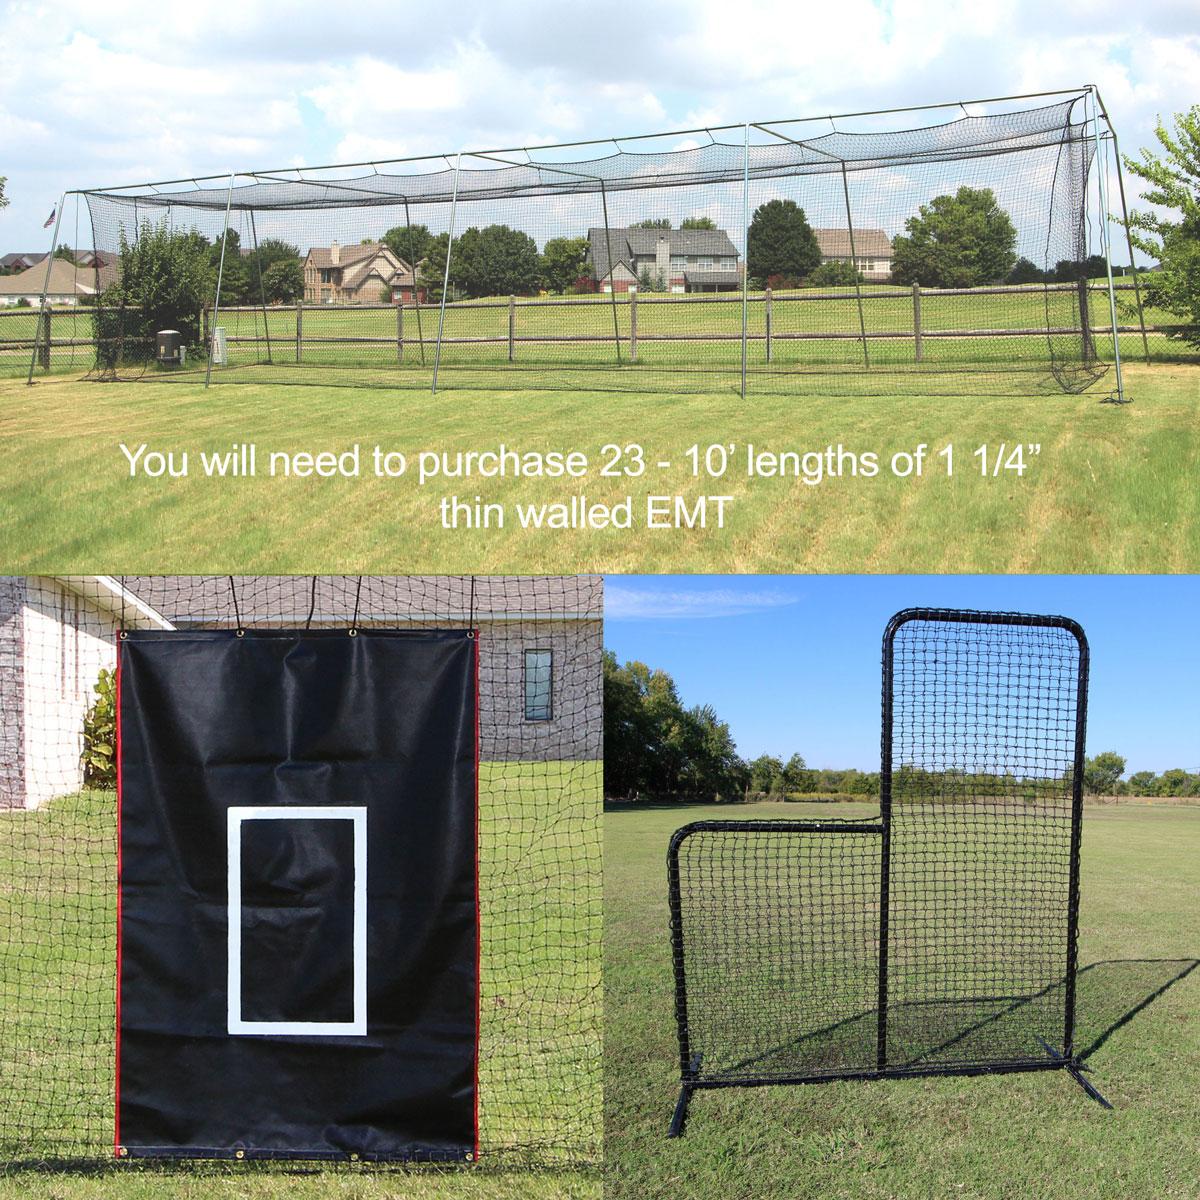 Packaging or Promotional image for 50' Hot Corner Baseball Bundle